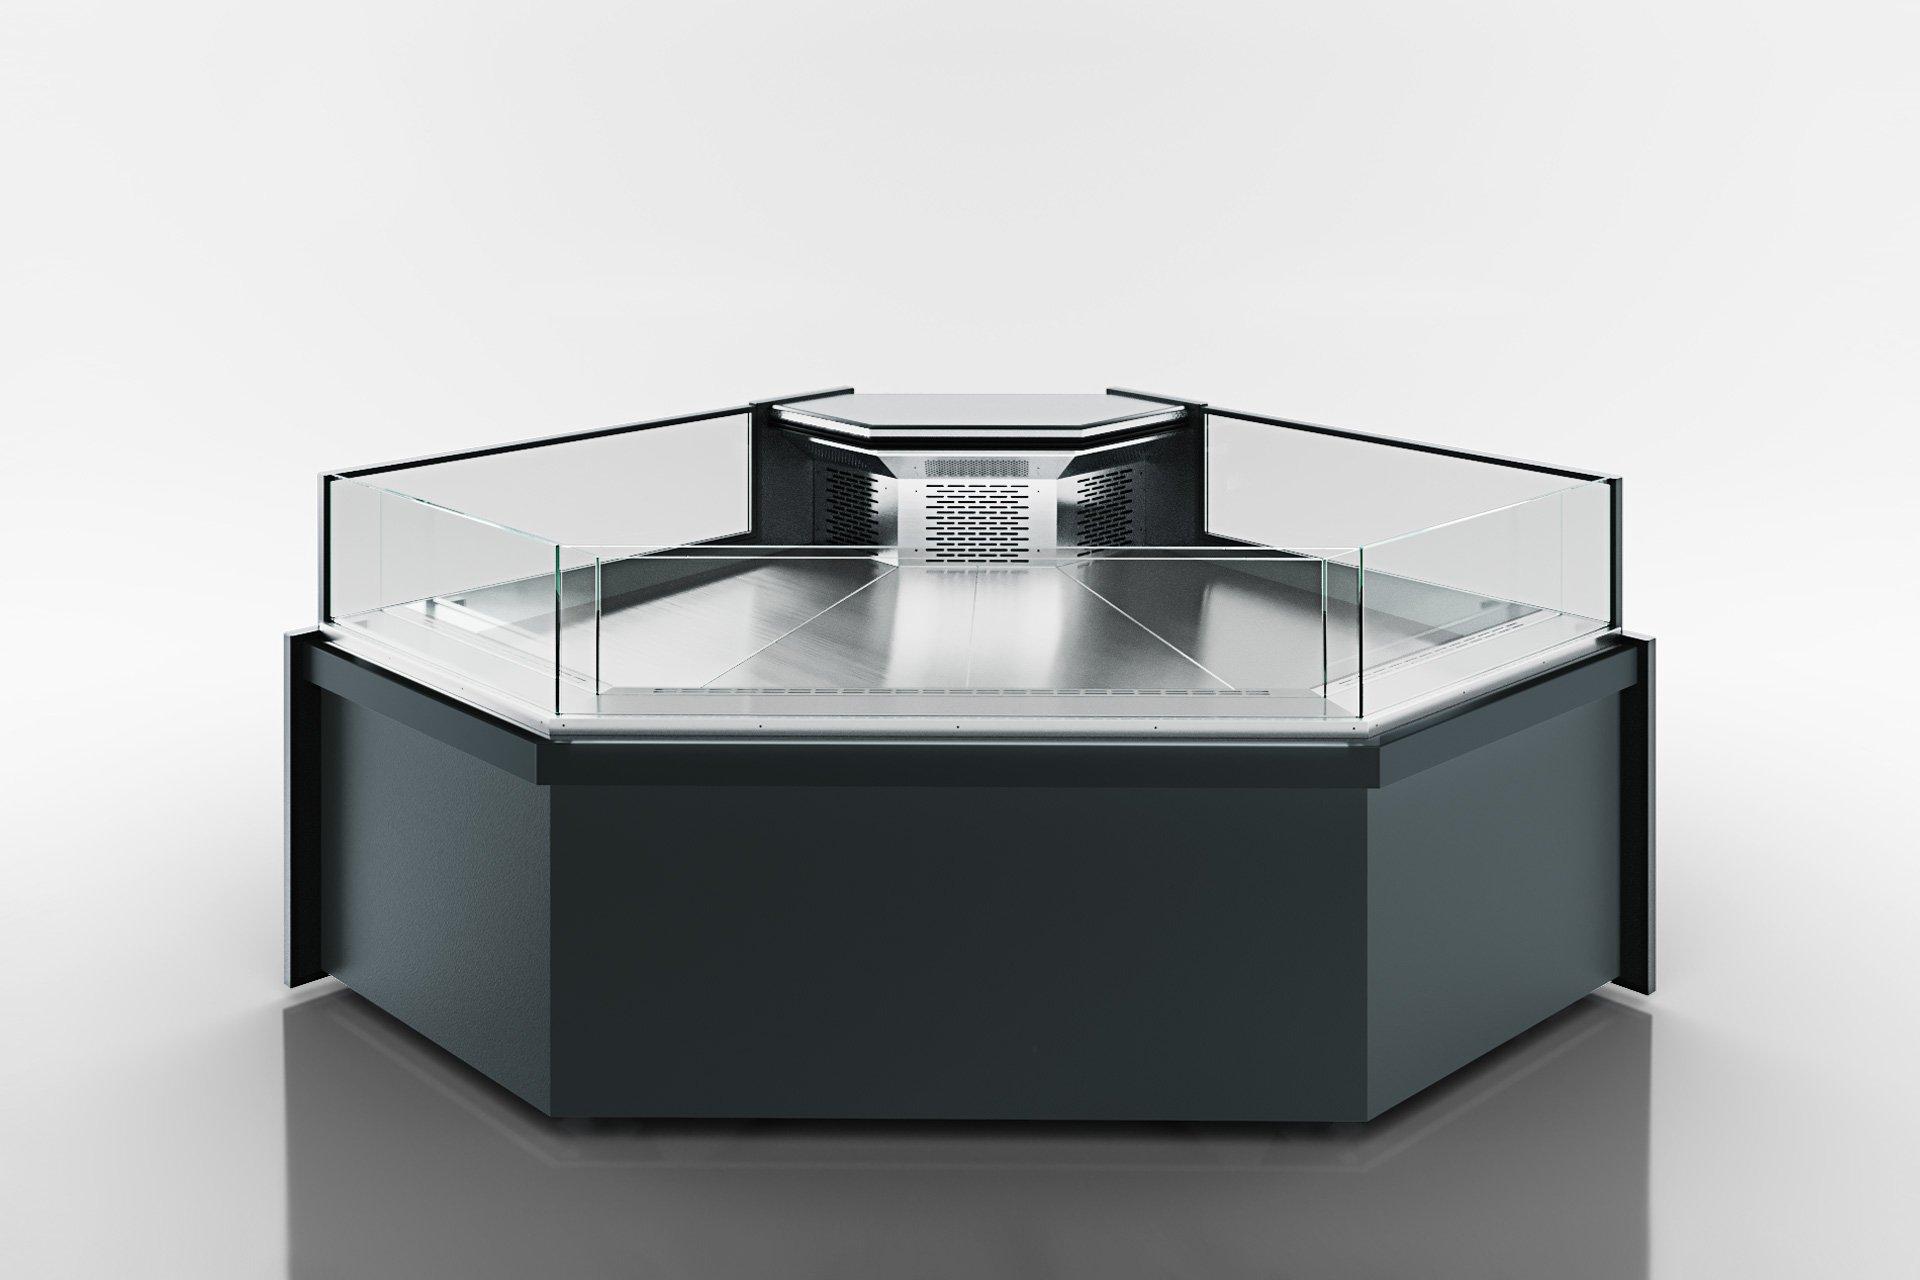 Угловые эленты холодильных витрин Missouri MC 120 deli self 086-DLM-ES90